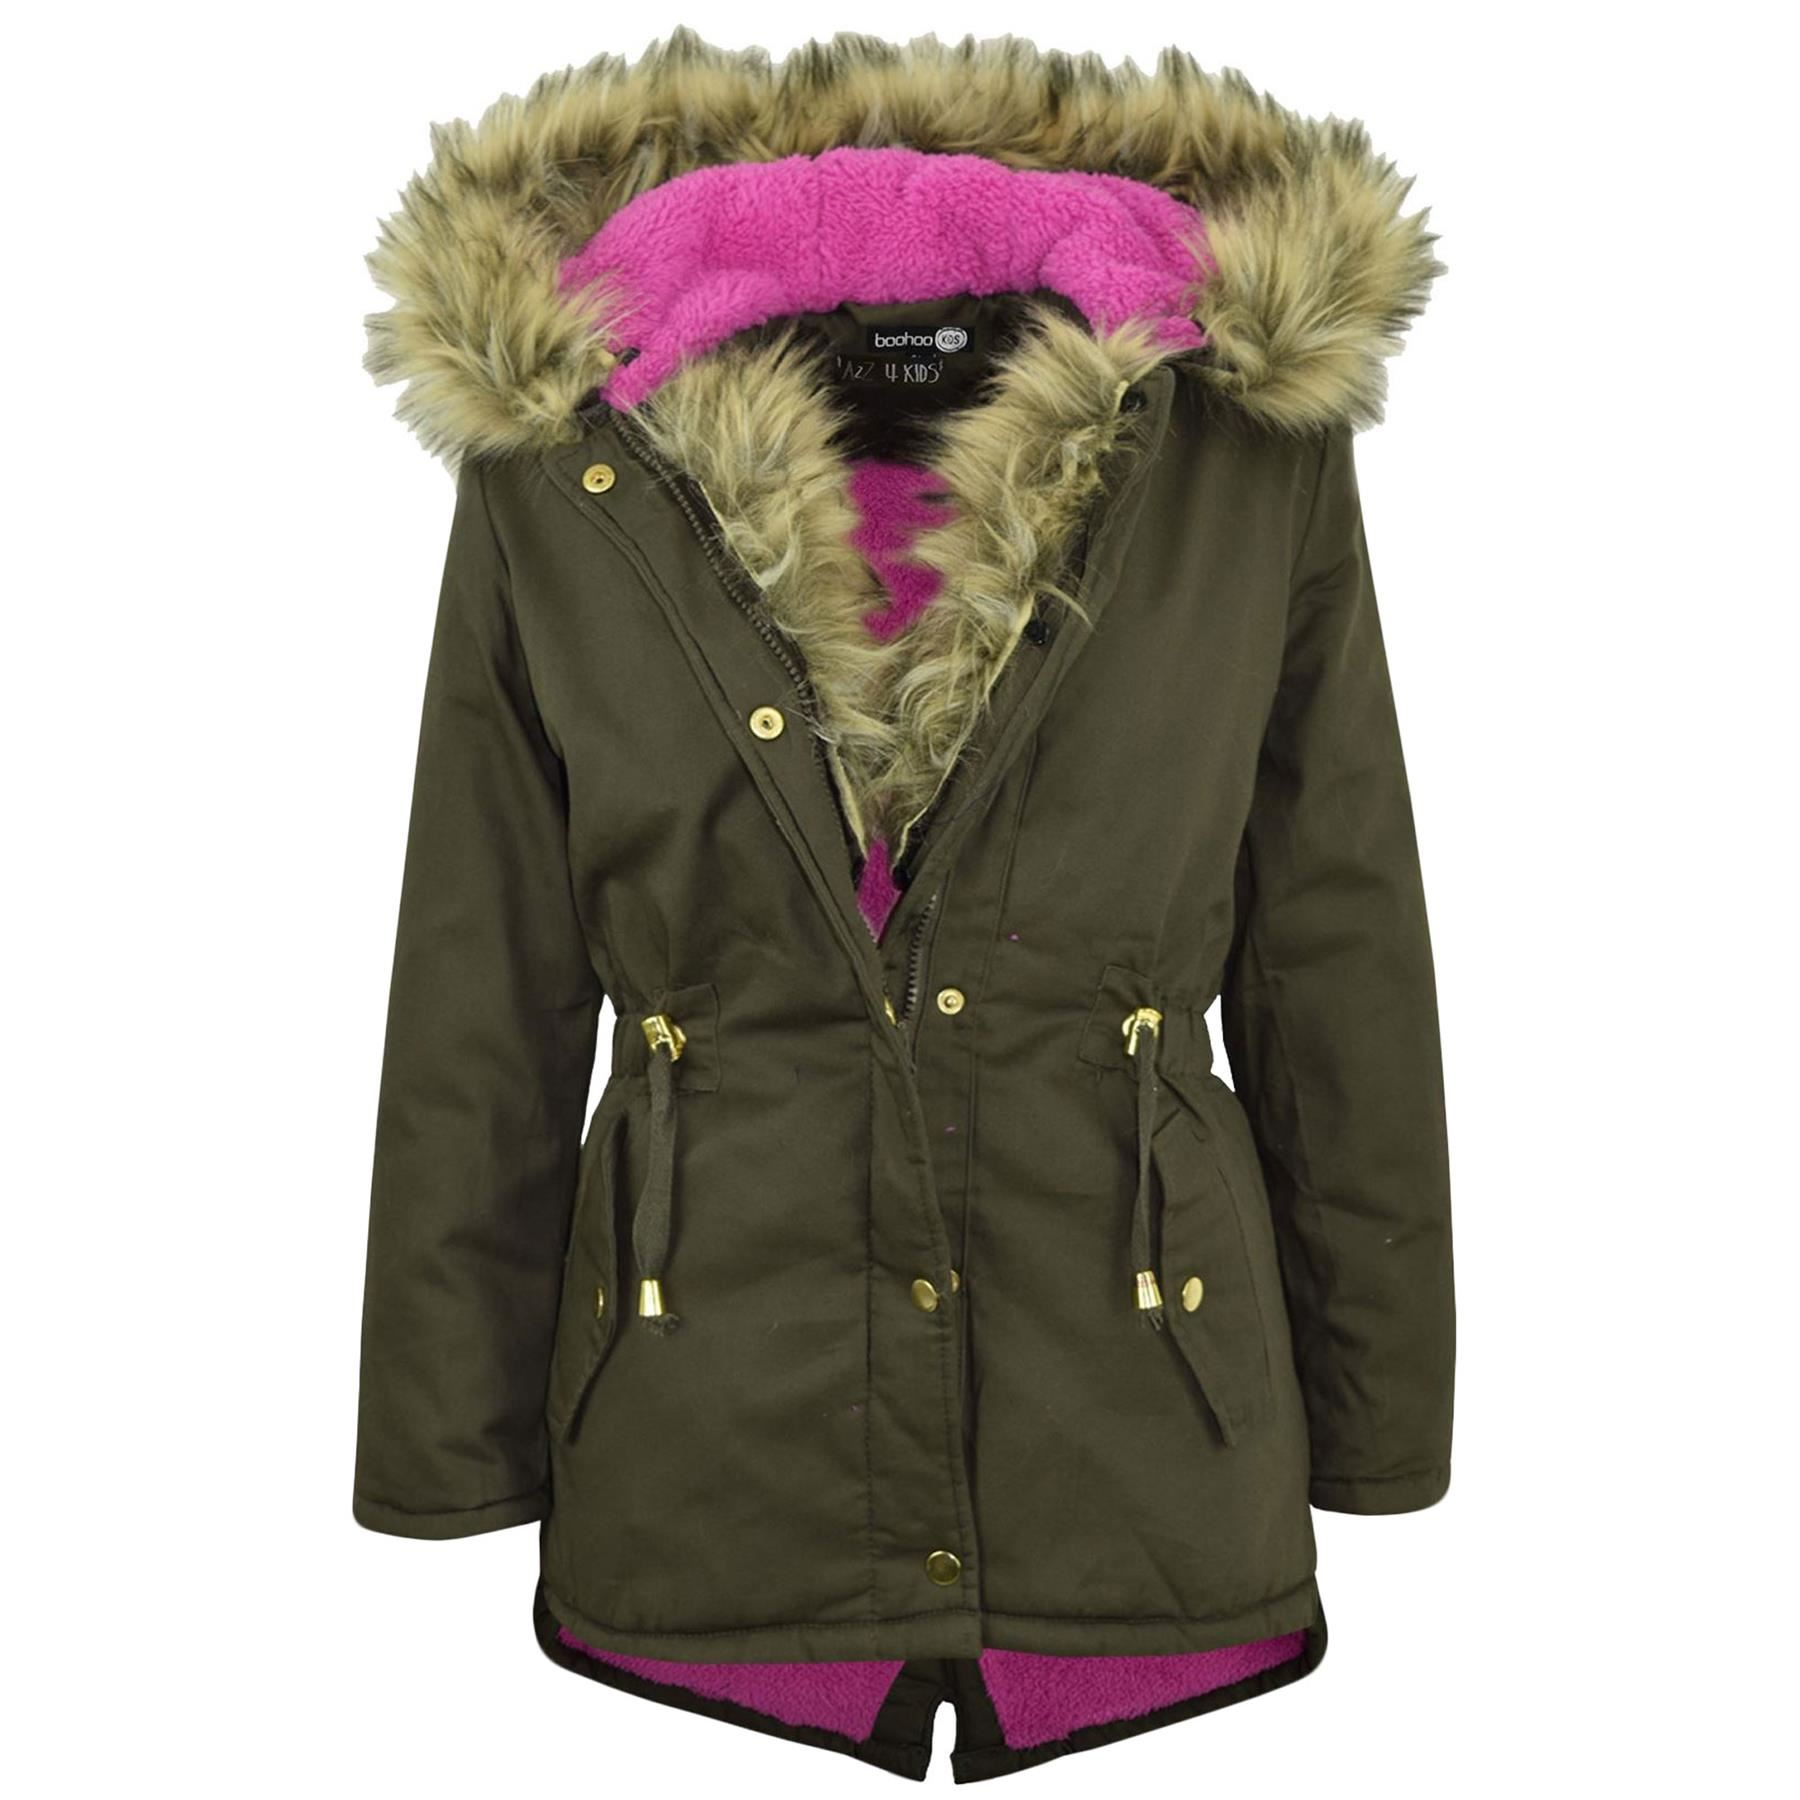 Kids Hooded Jacket Girls Rainbow Fur Parka School Jackets Outwear Coat 2-13 Year